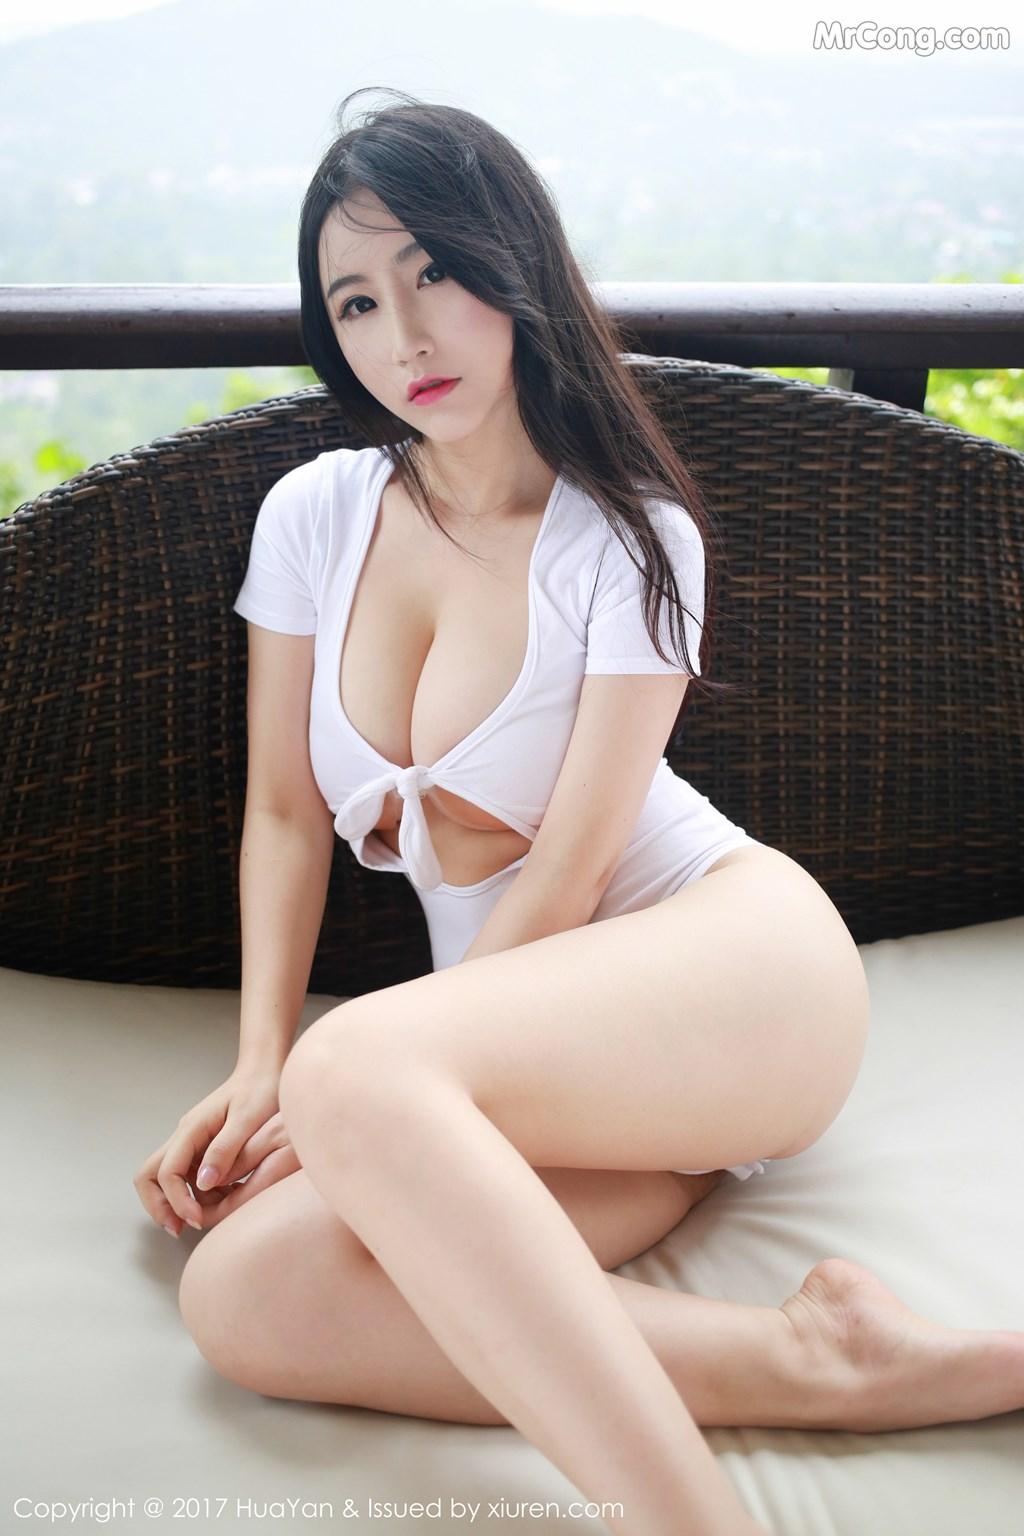 Image HuaYan-Vol.051-Sindy-Xie-Zhixin-MrCong.com-002 in post HuaYan Vol.051: Người mẫu Sindy (谢芷馨) (51 ảnh)